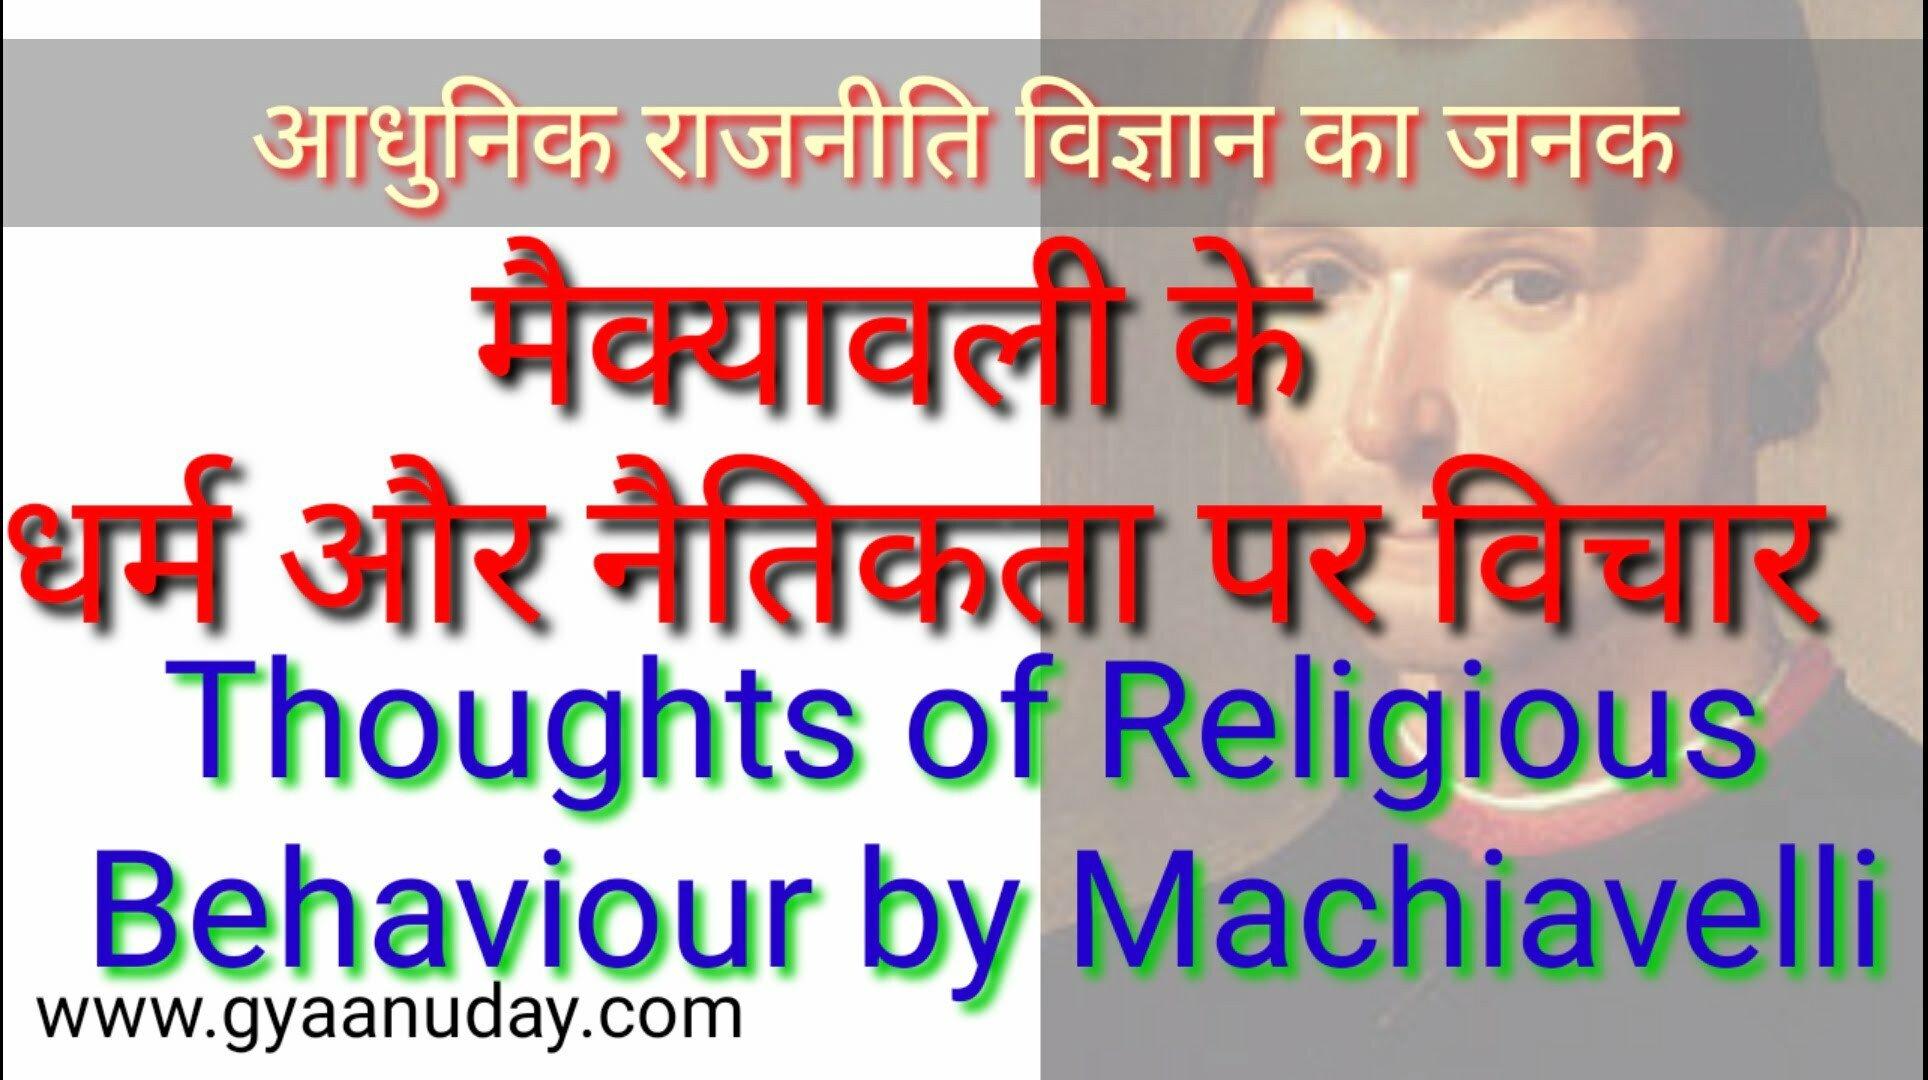 मैक्यावली के धर्म और नैतिकता पर विचार